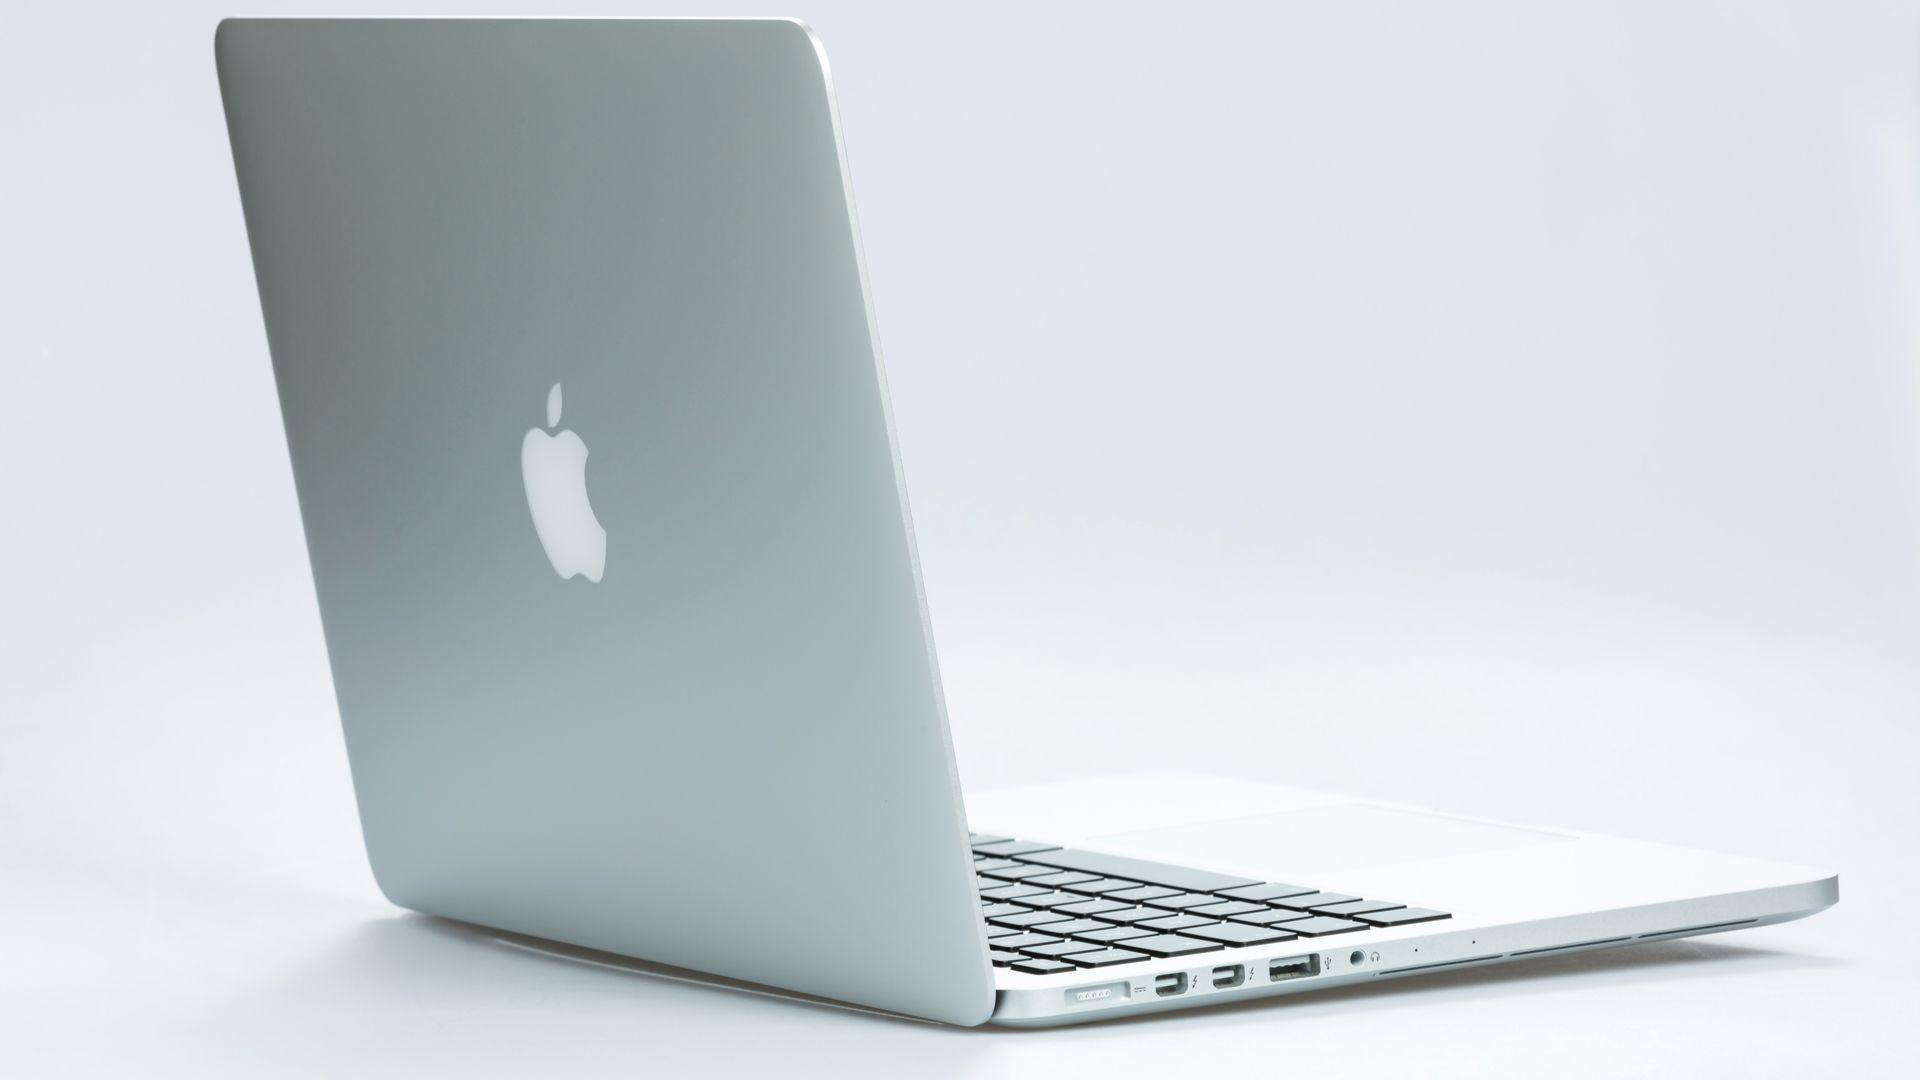 O MacBook Pro 2019 não é a melhor opção custo-benefício no momento (Foto: Shutterstock)